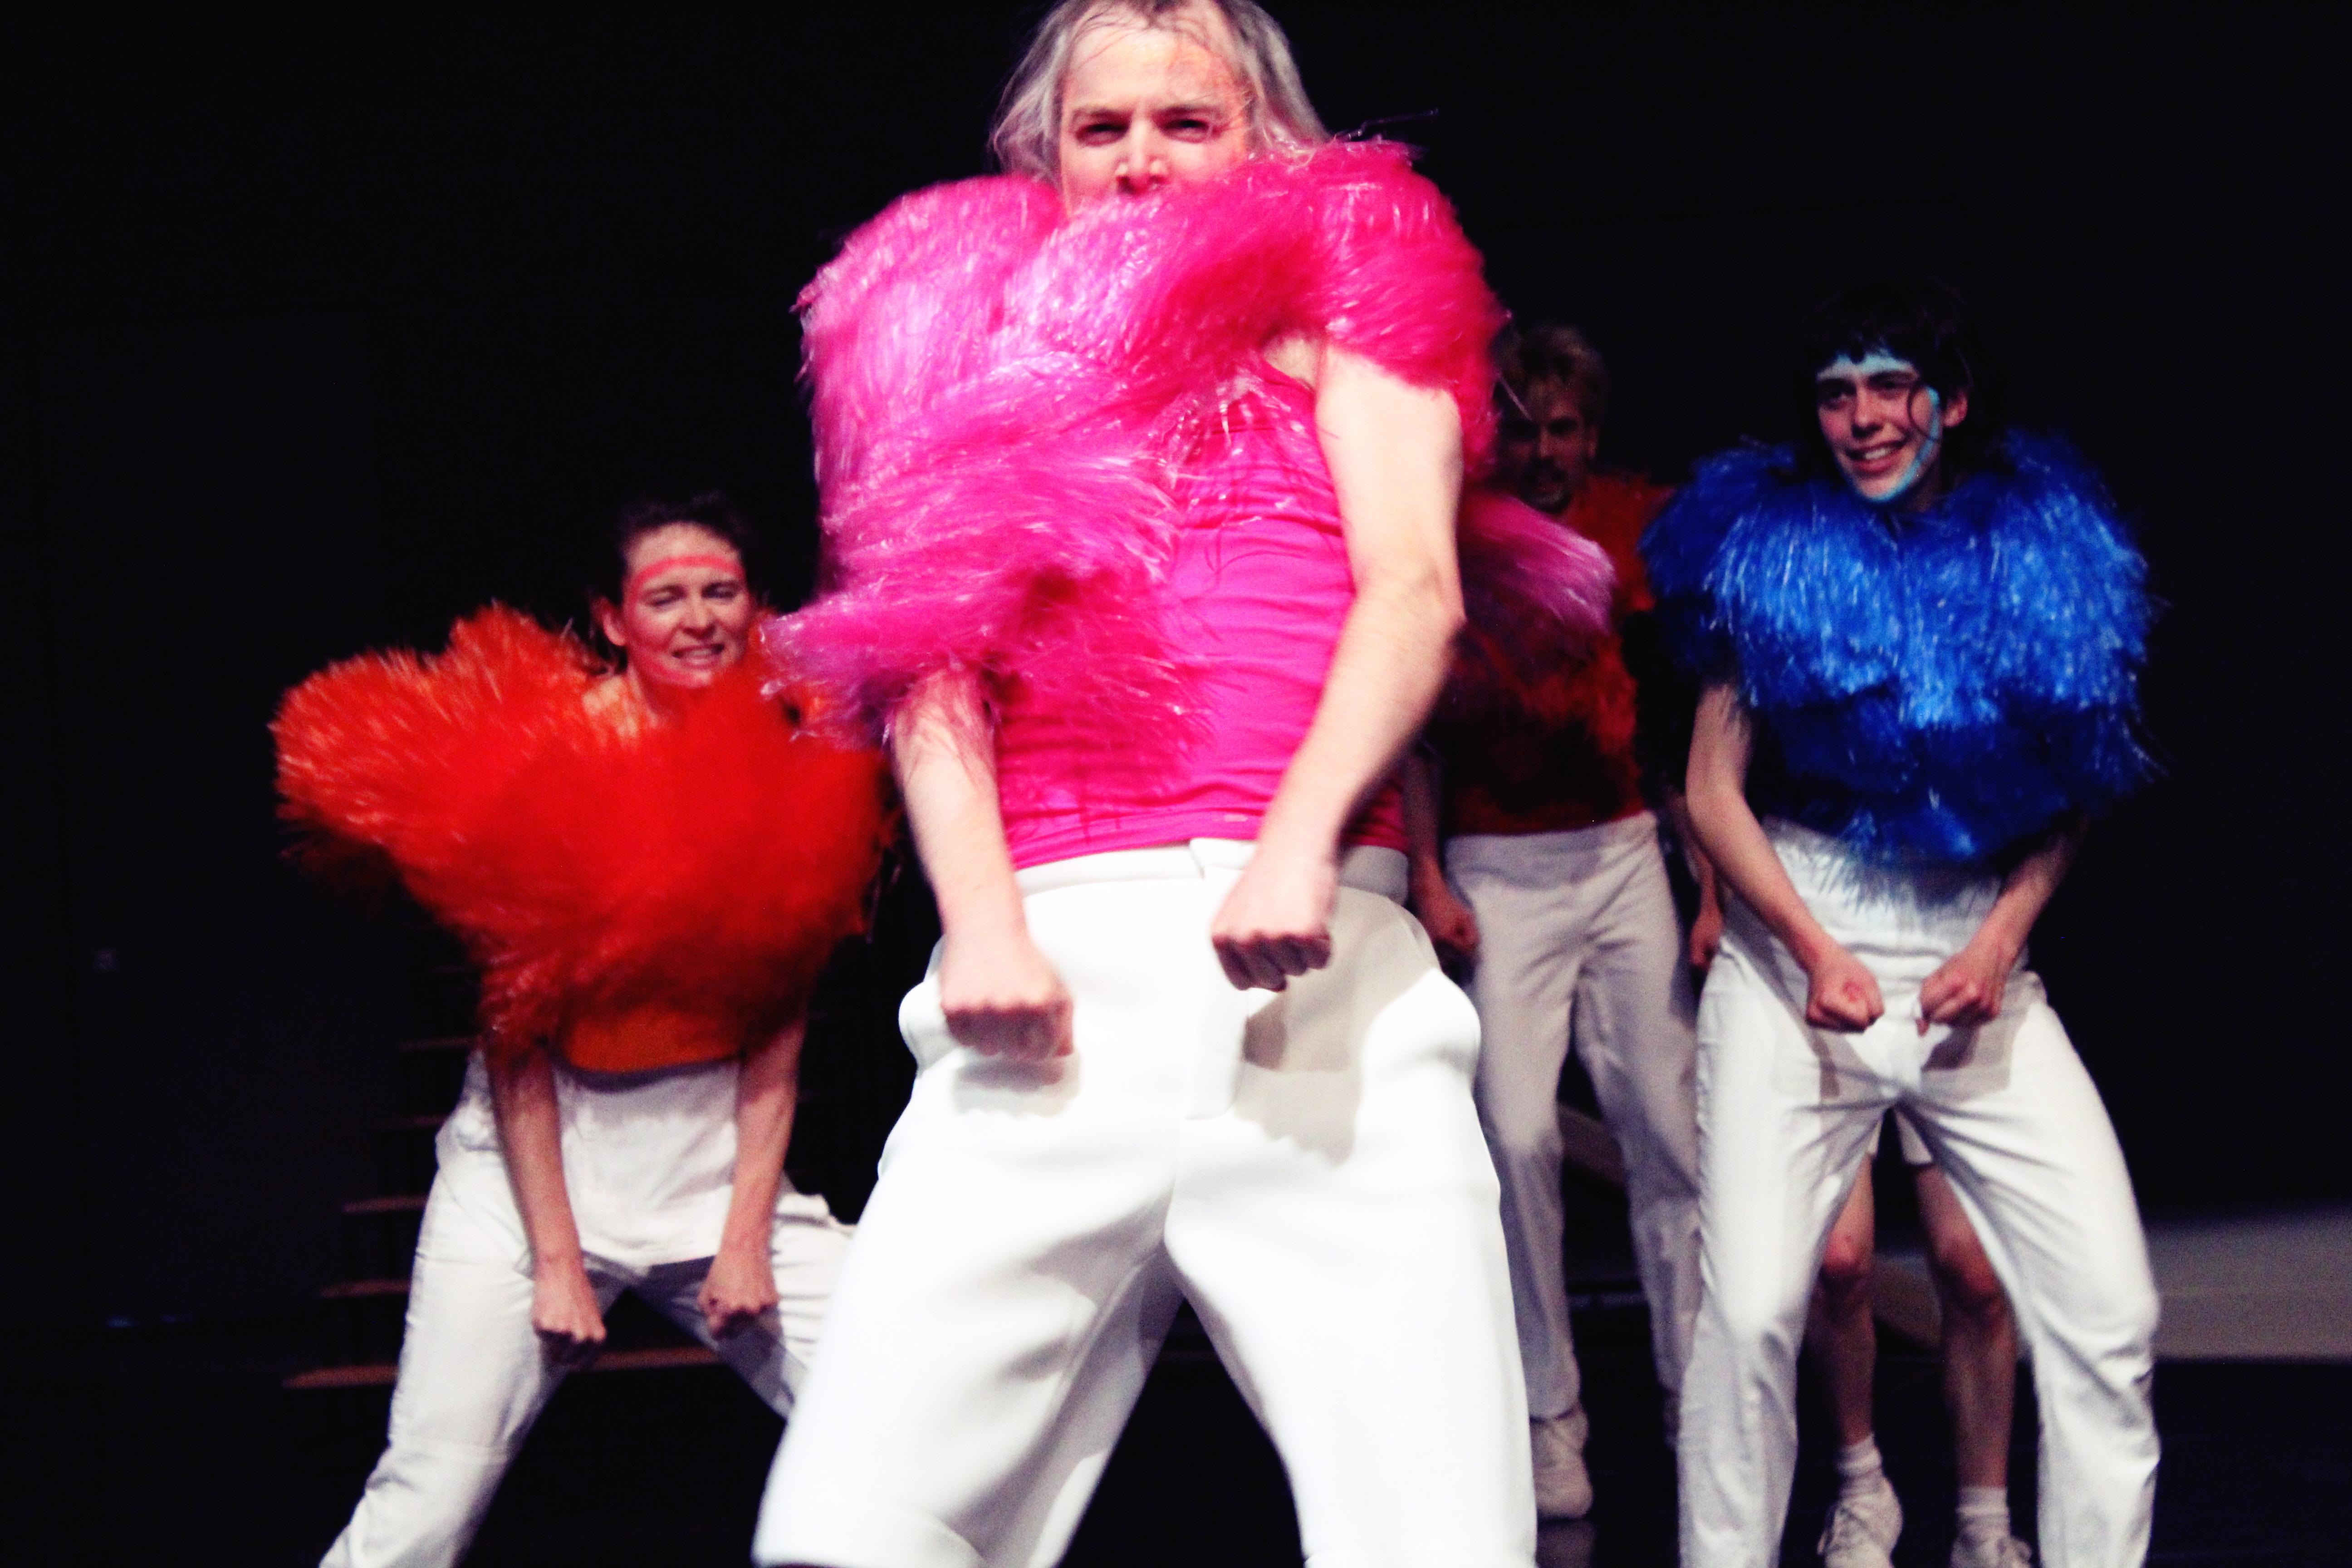 Mascha Bischoff_Kostümbild_Bühnenbild_FUN!_ Lea Moro_ Tanzhaus Zürich_Tanz im August_Foto Mascha Mihoa Bischoff_7